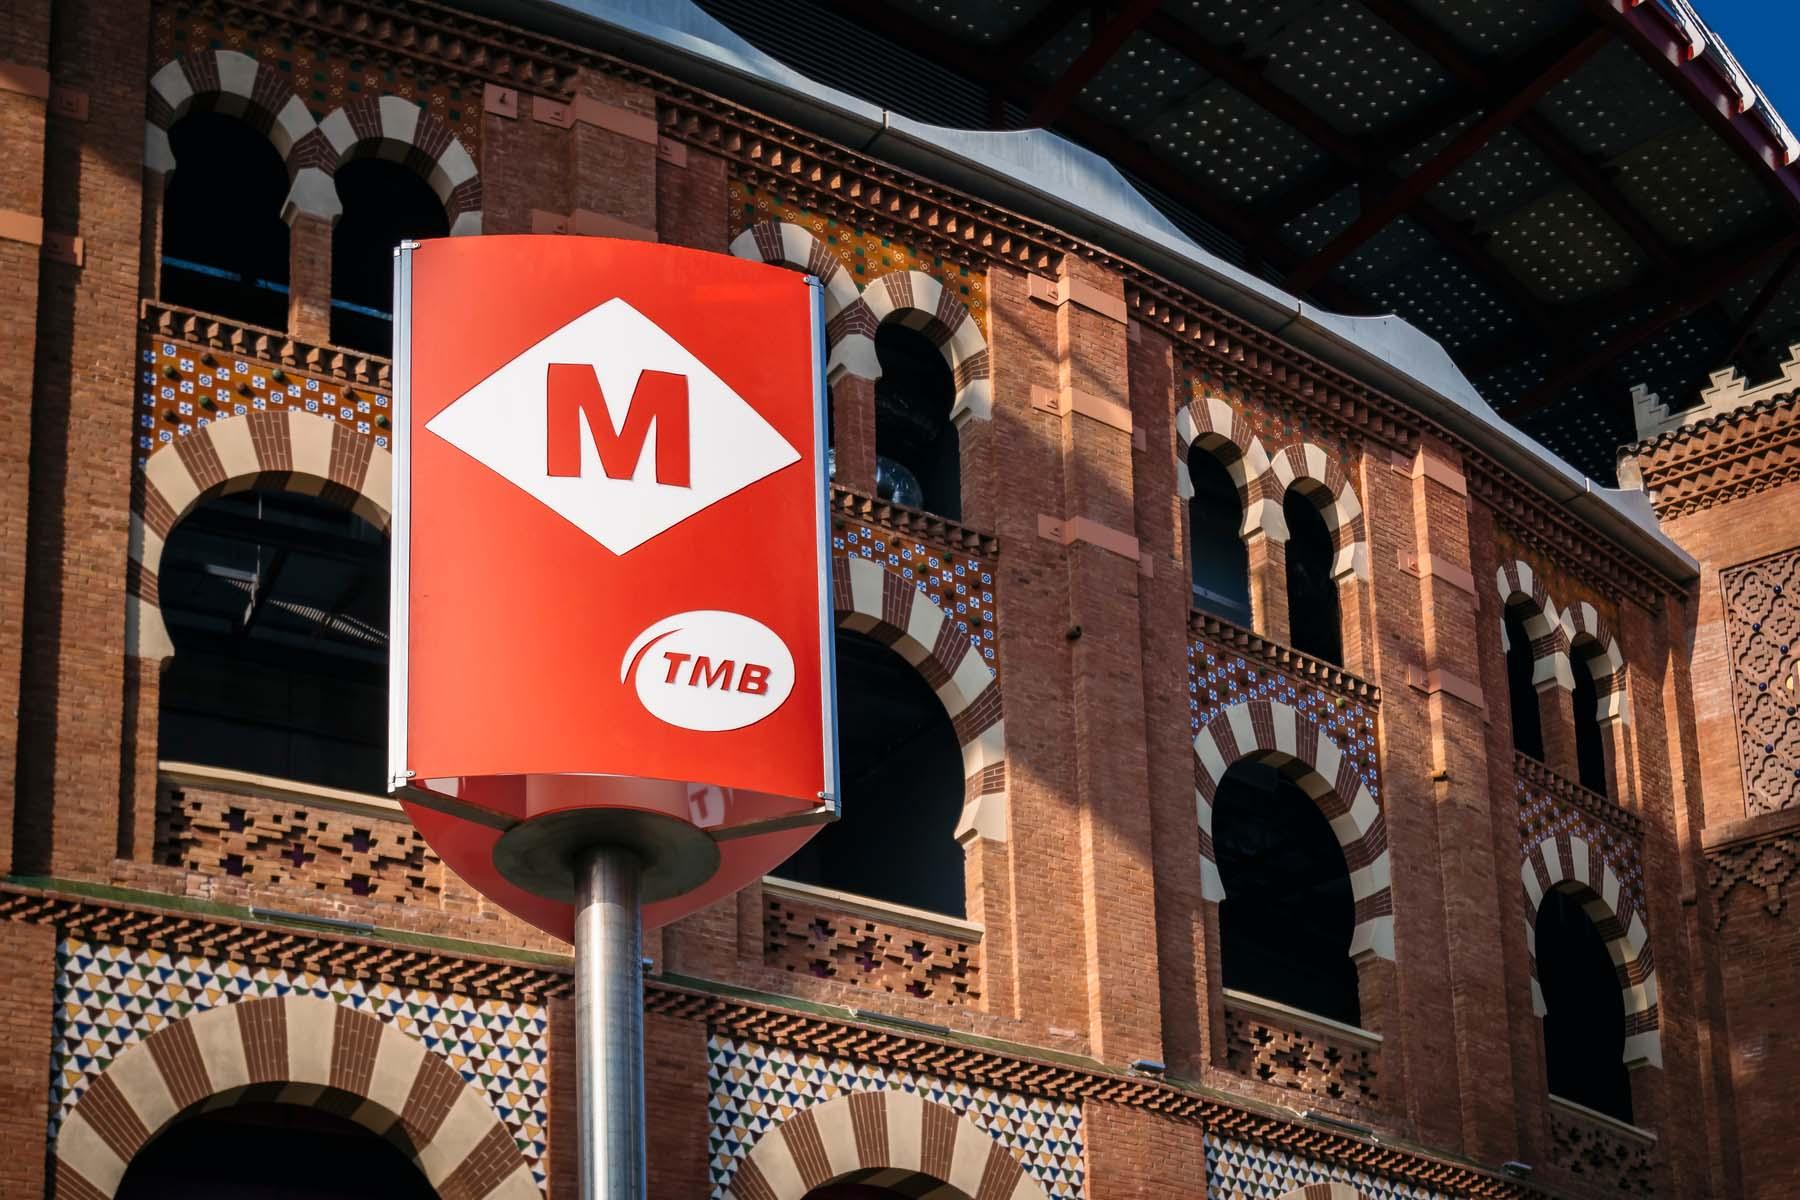 metro in Spain